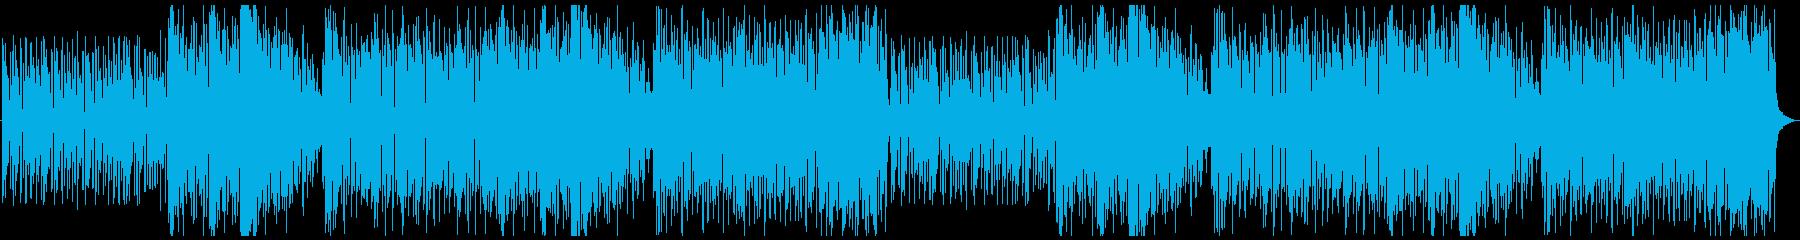 メルヘンチックで楽しい曲の再生済みの波形